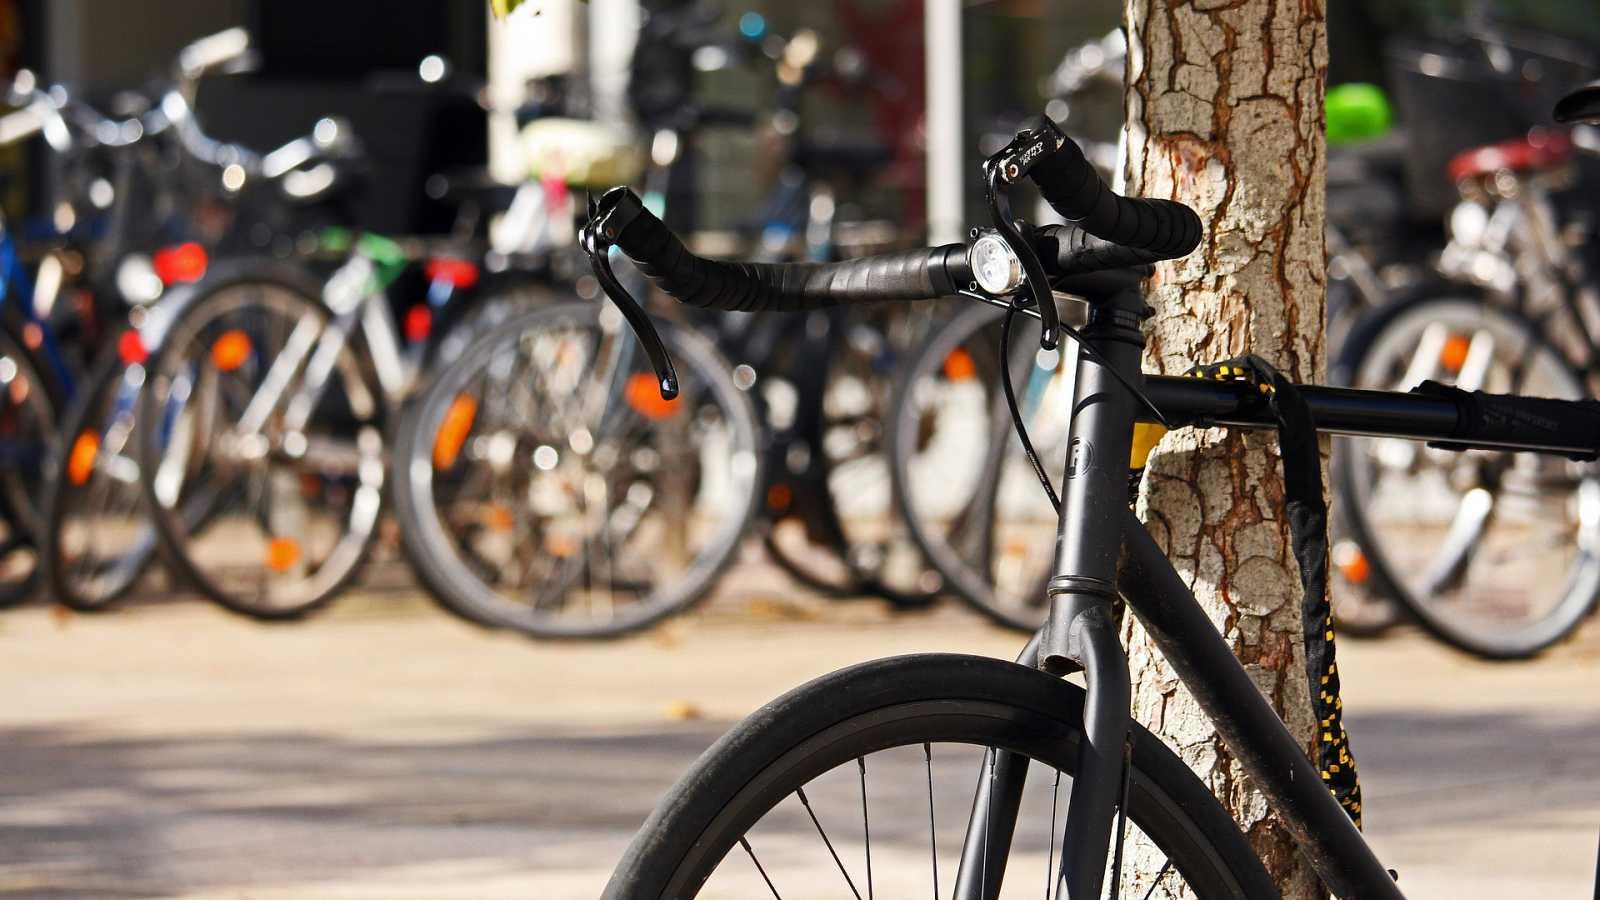 Mobility City - La energía y la salud - 11/05/21 - Escuchar ahora